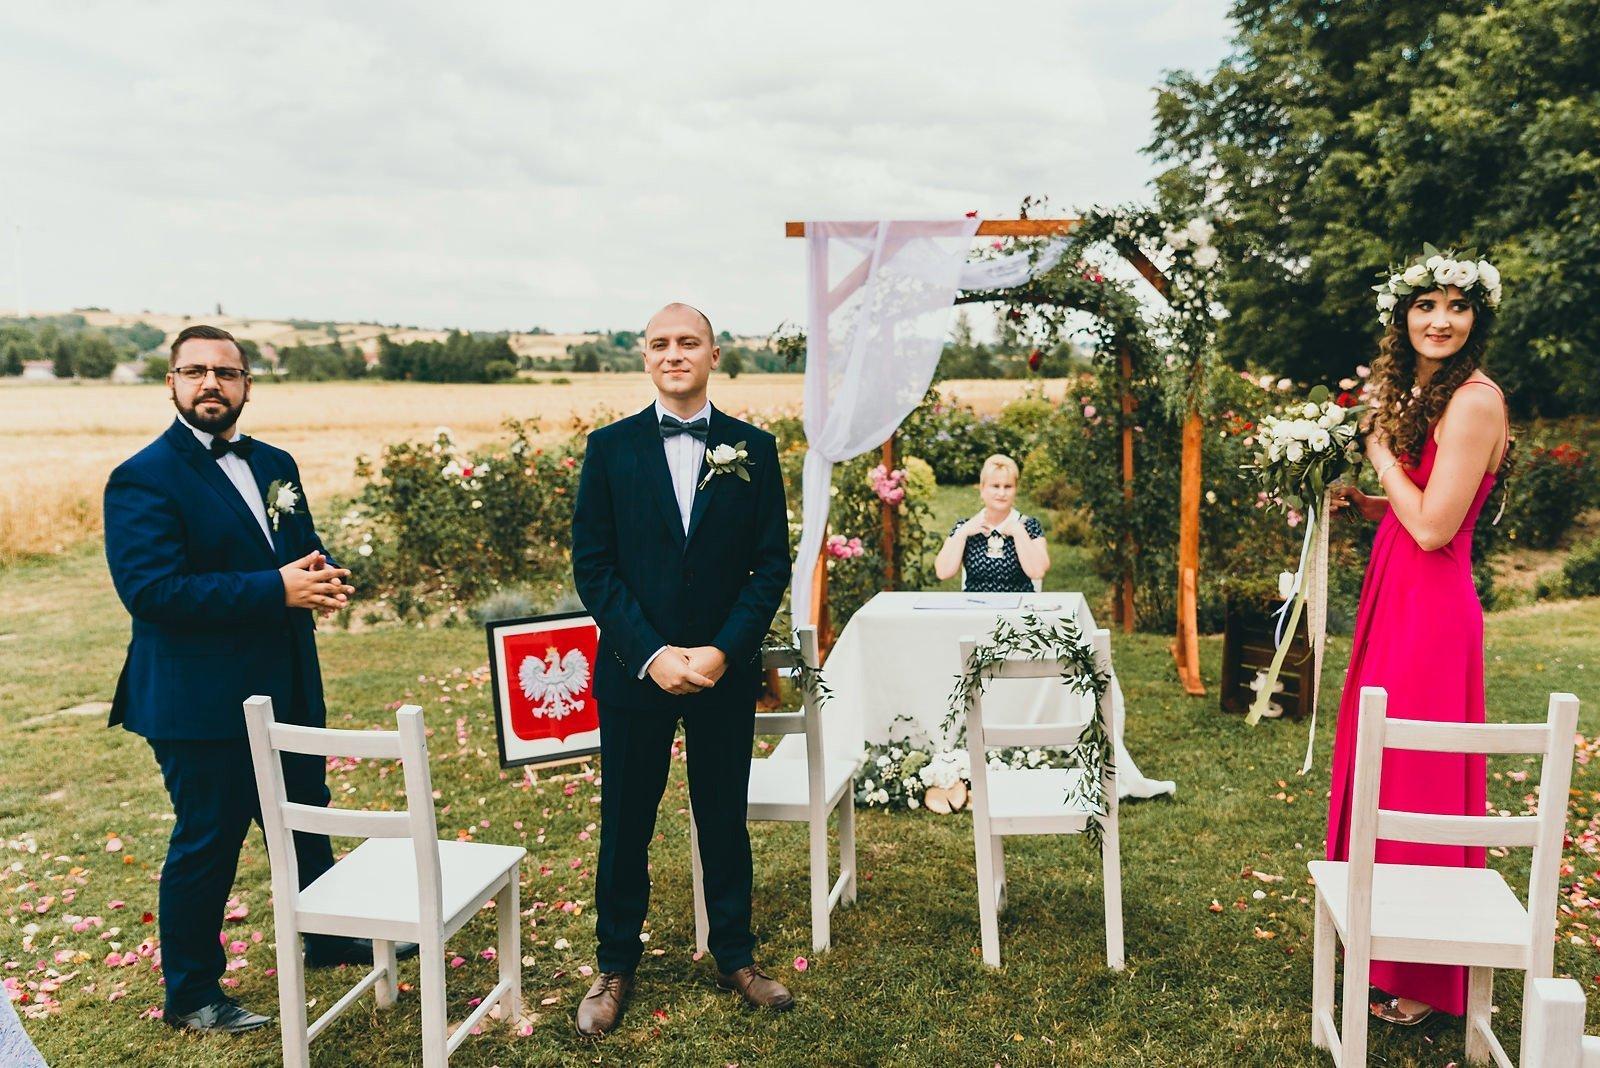 Justyna i Szymon - plenerowy ślub w stylu boho 36